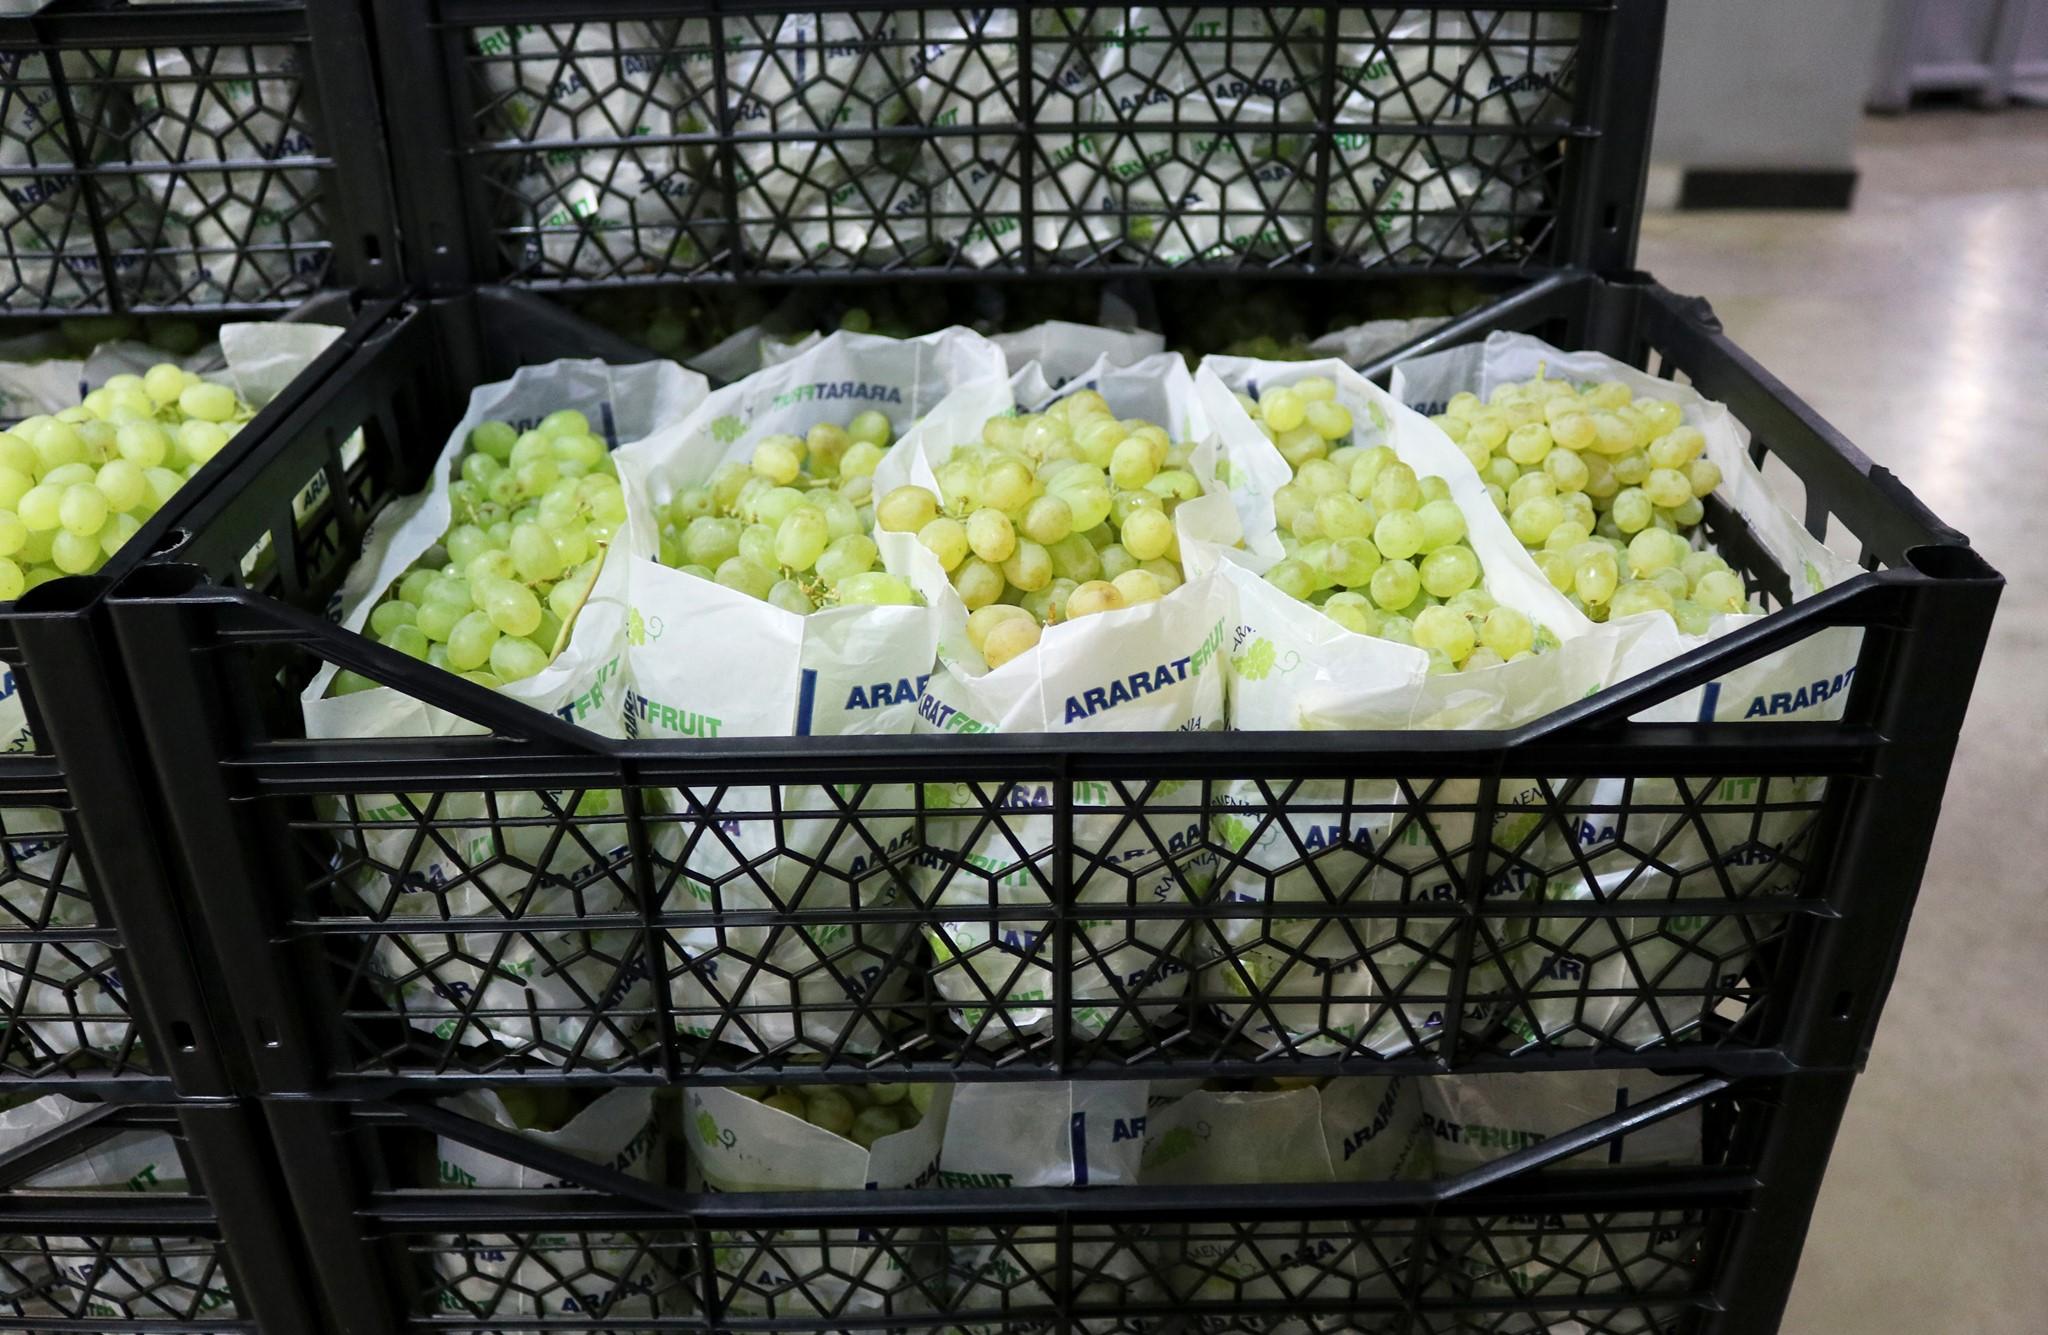 Սպայկա. Հայկական խաղողը «Ararat Fruit» բրենդի ներքո առաջին անգամ կարտահանվի Եվրոպա և ԱՊՀ երկրներ